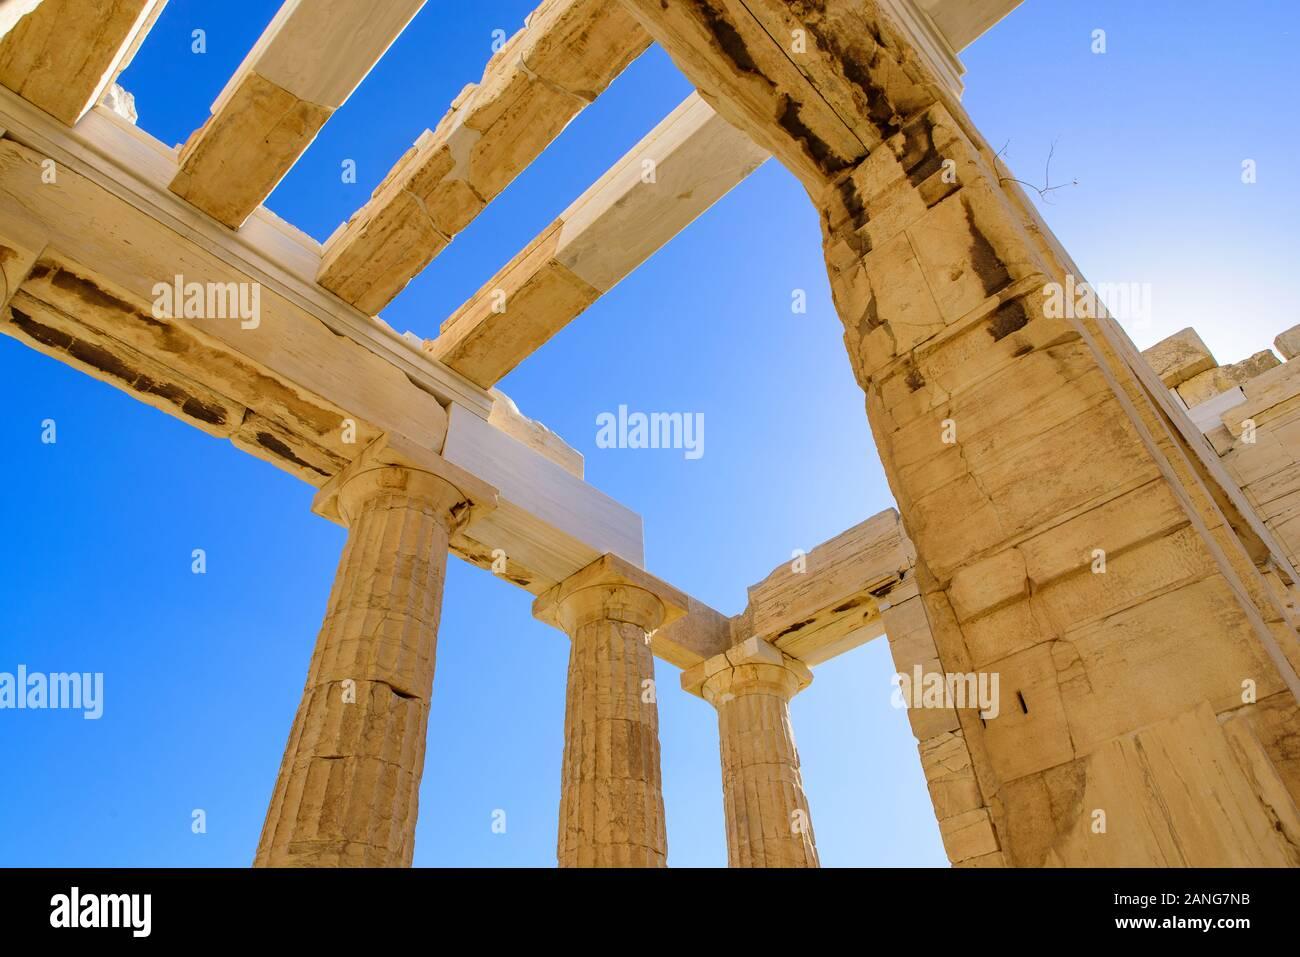 El Partenón, el famoso templo antiguo en la Acrópolis de Atenas, Grecia Foto de stock